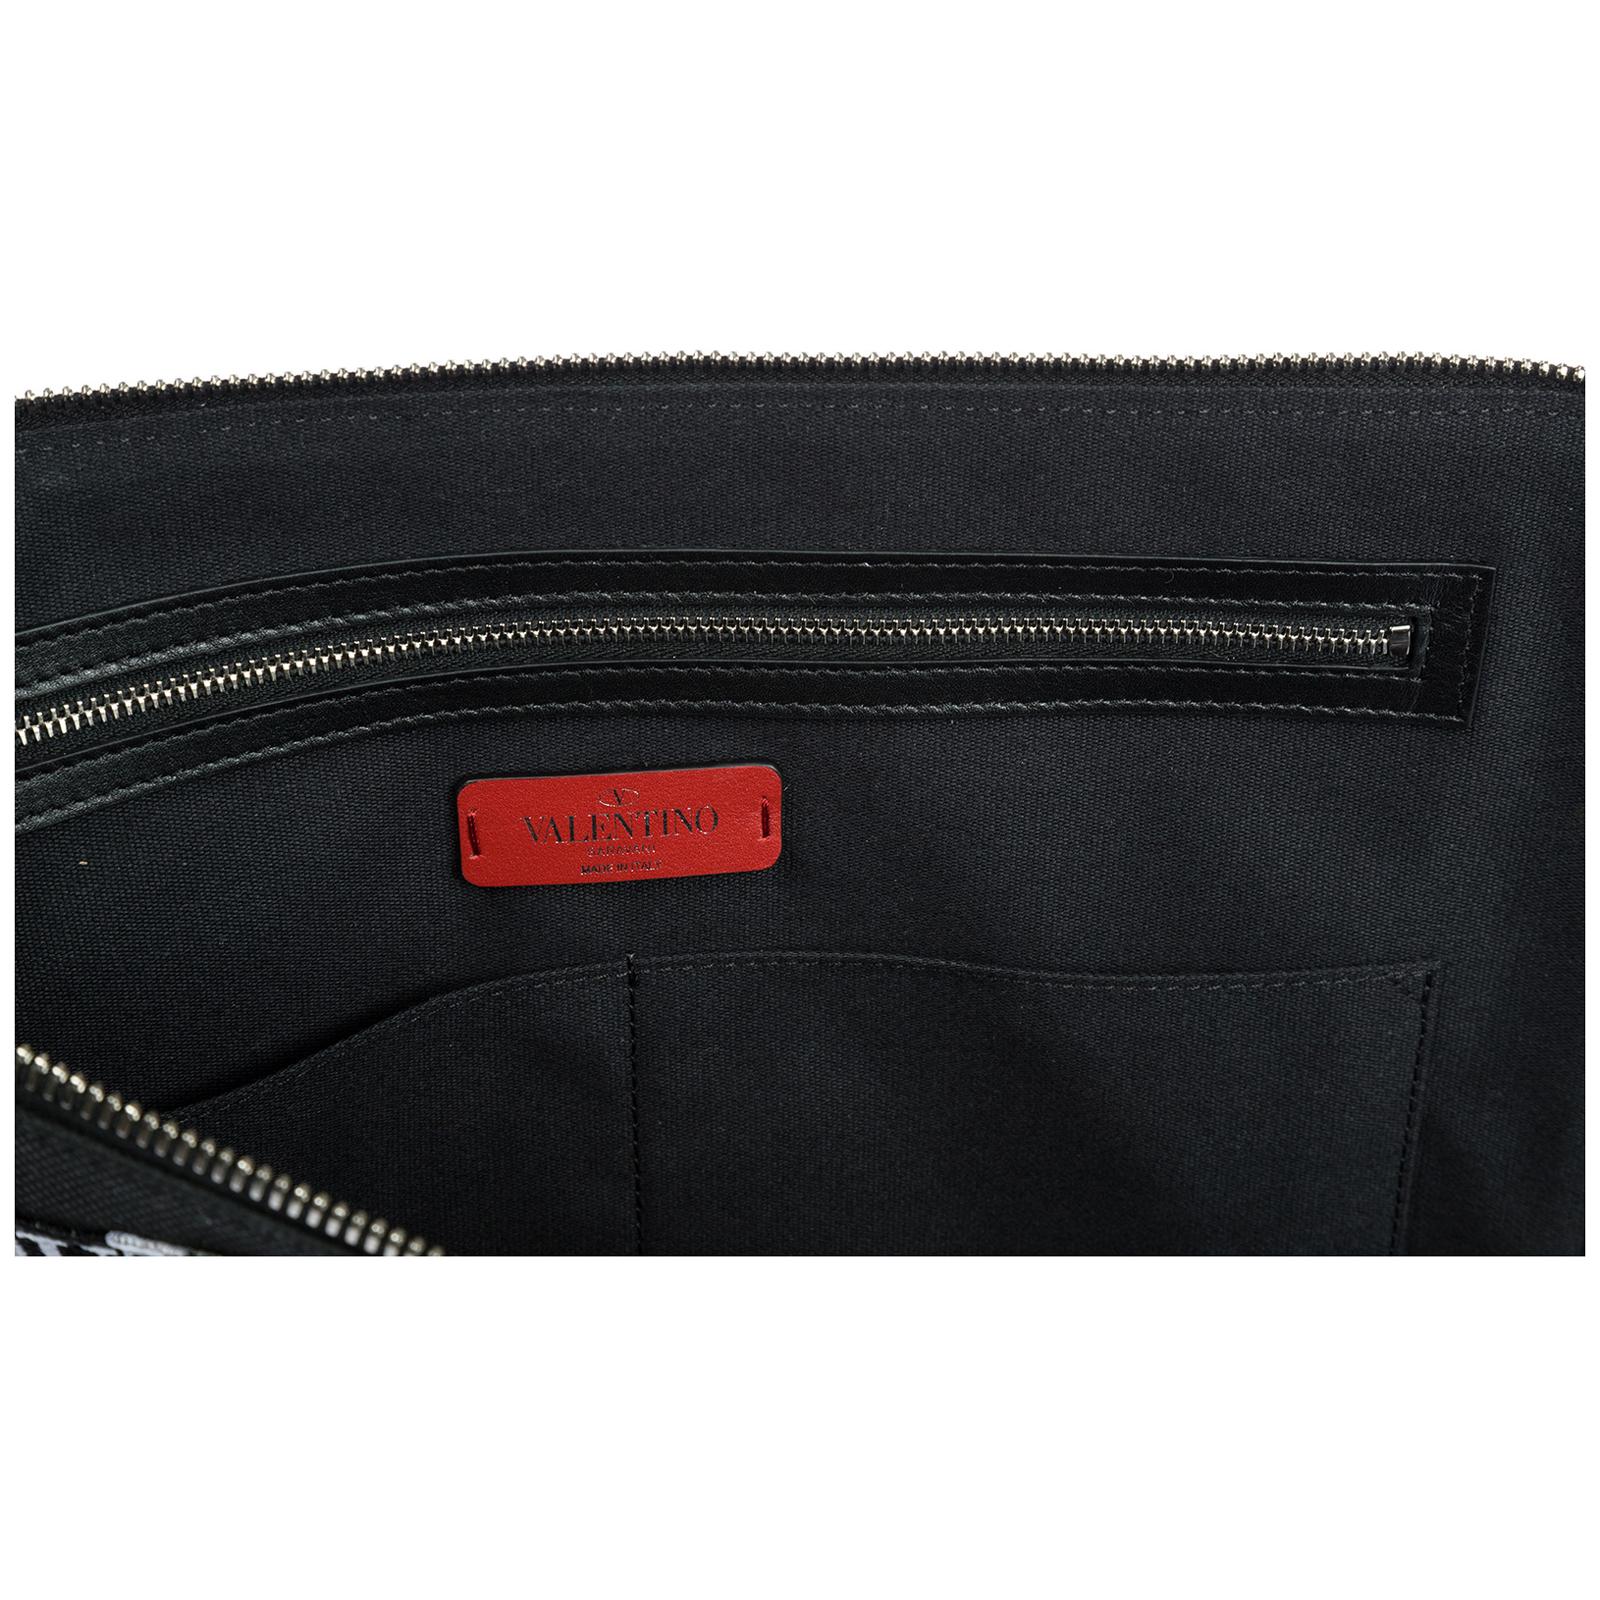 Men's briefcase document holder wallet